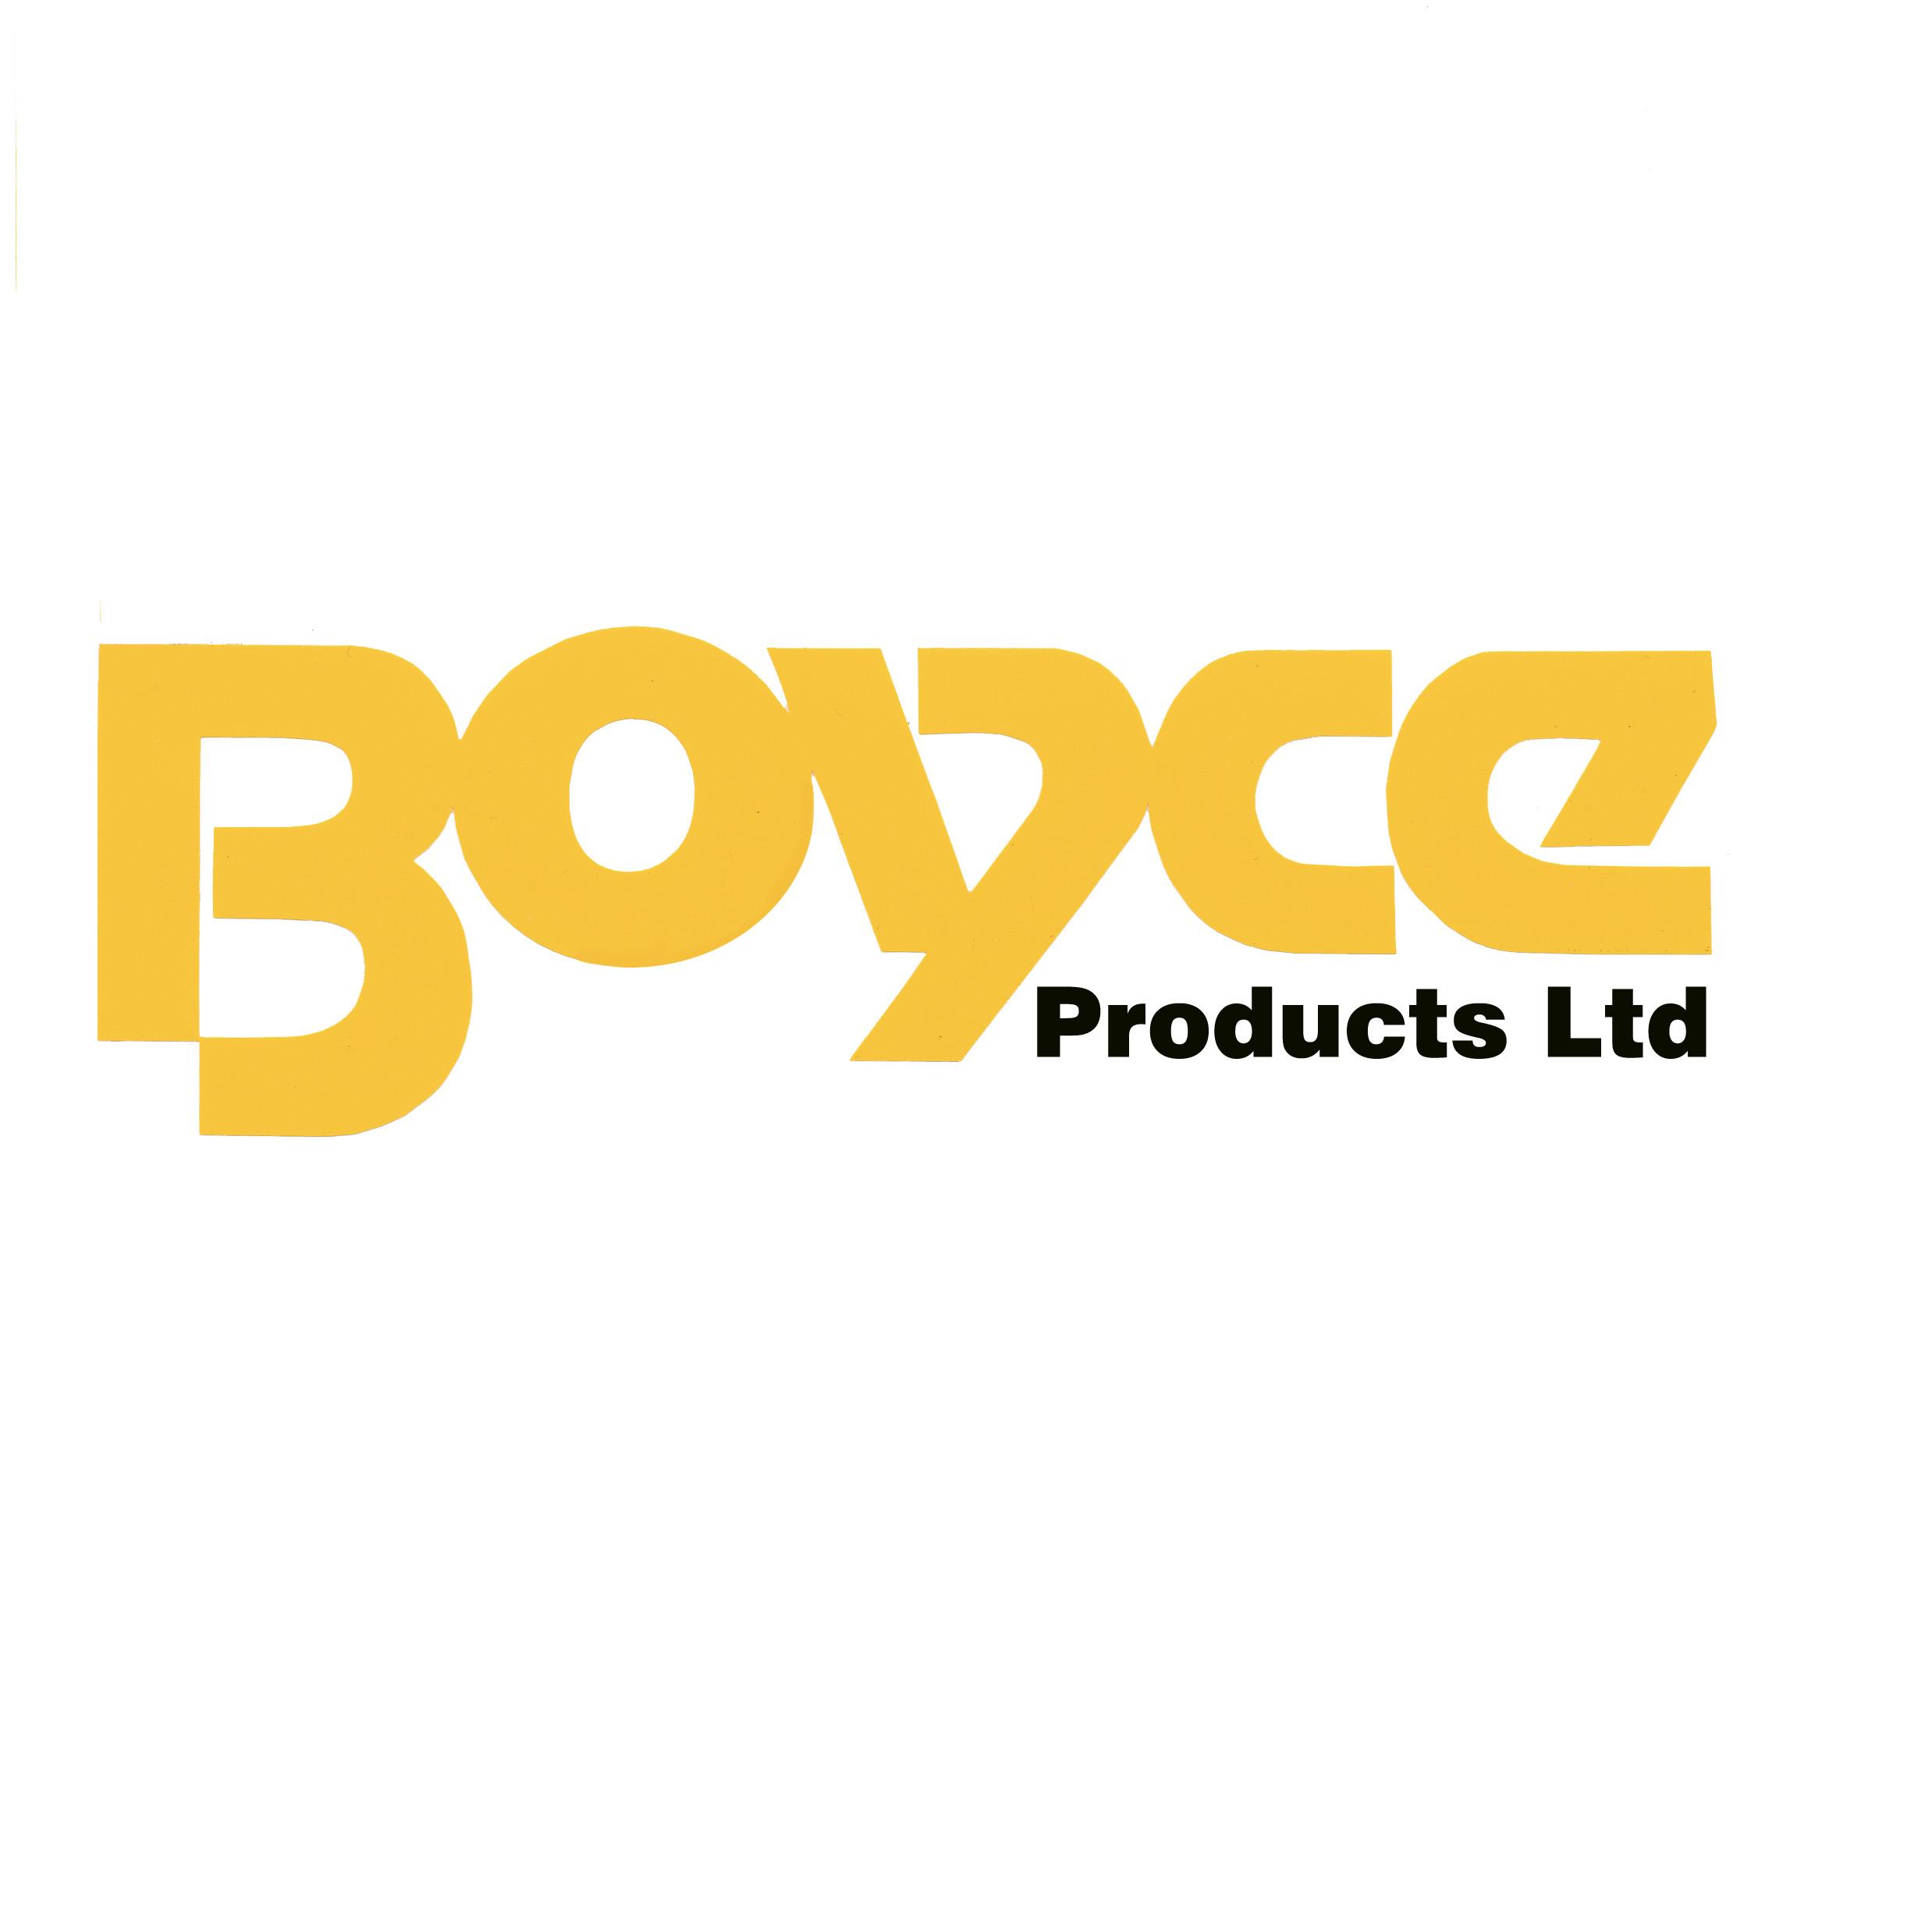 BOYCE PRODUCTS LTD